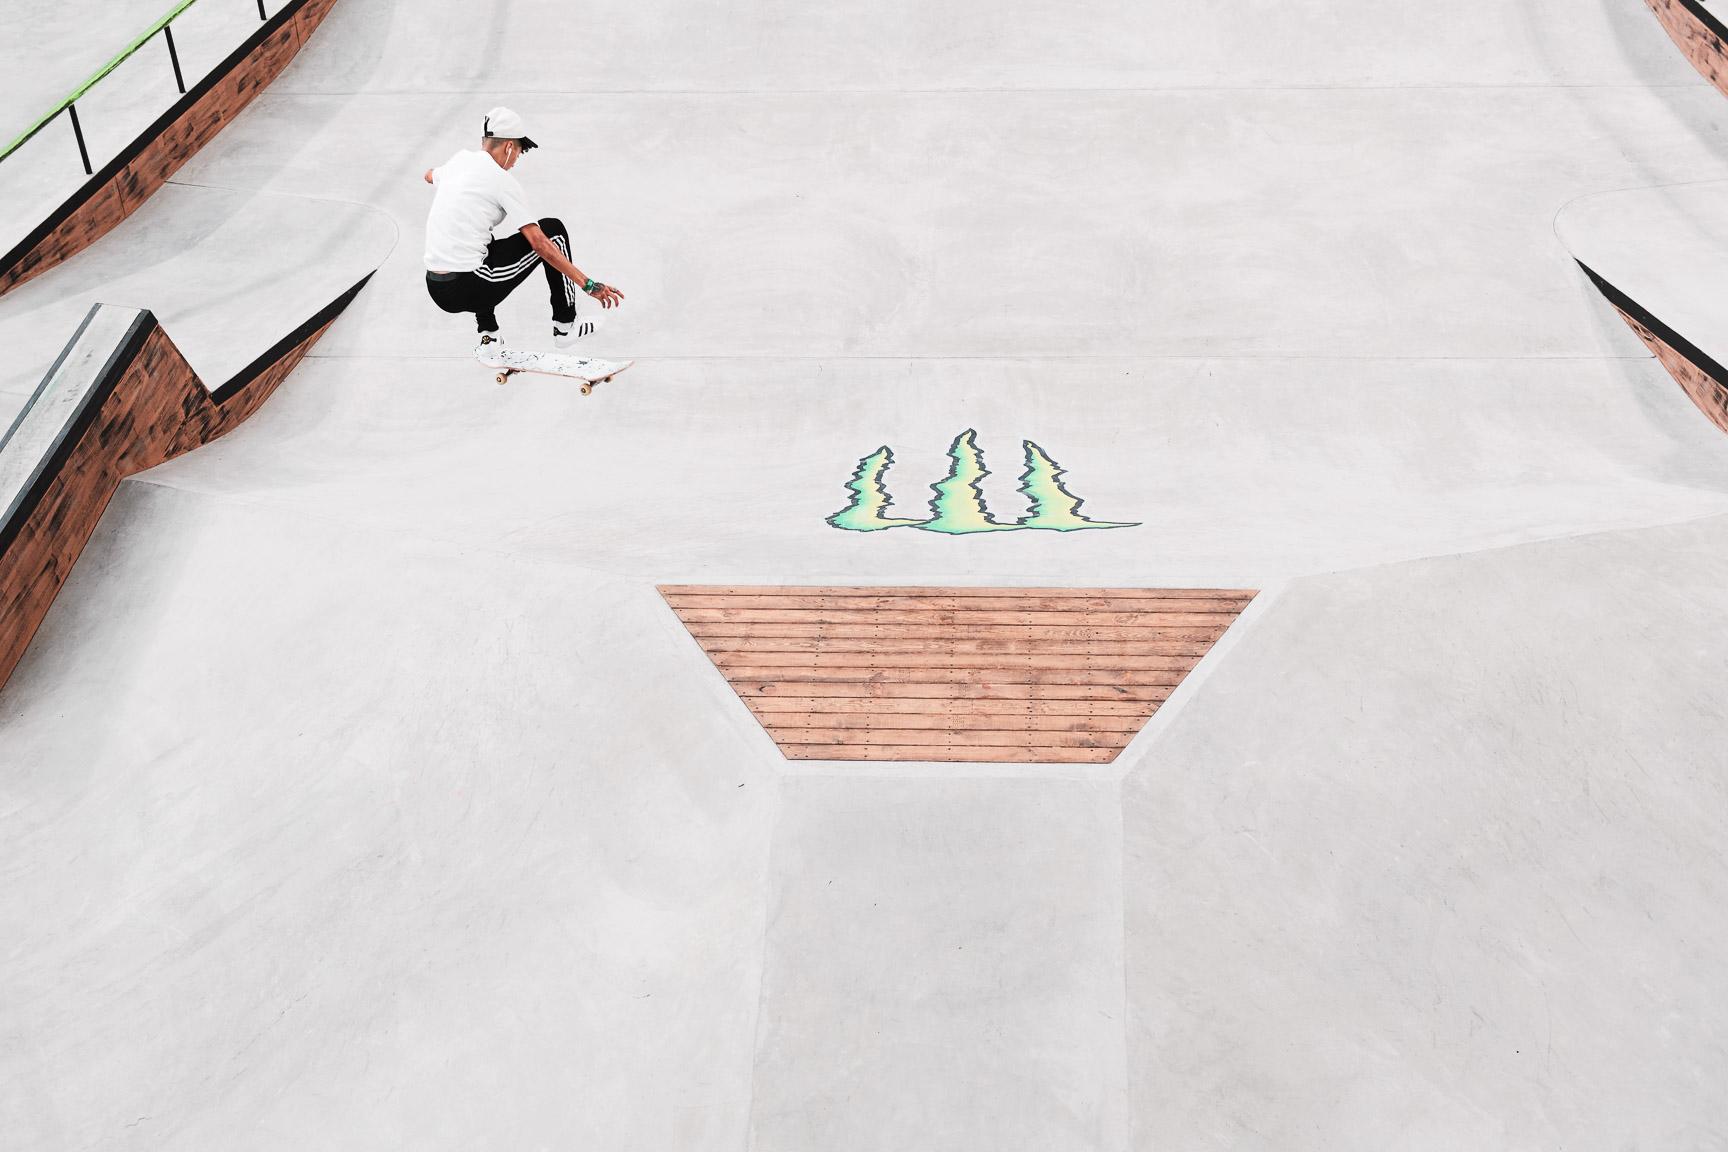 Jenn Soto, Women's Skateboard Street qualifier